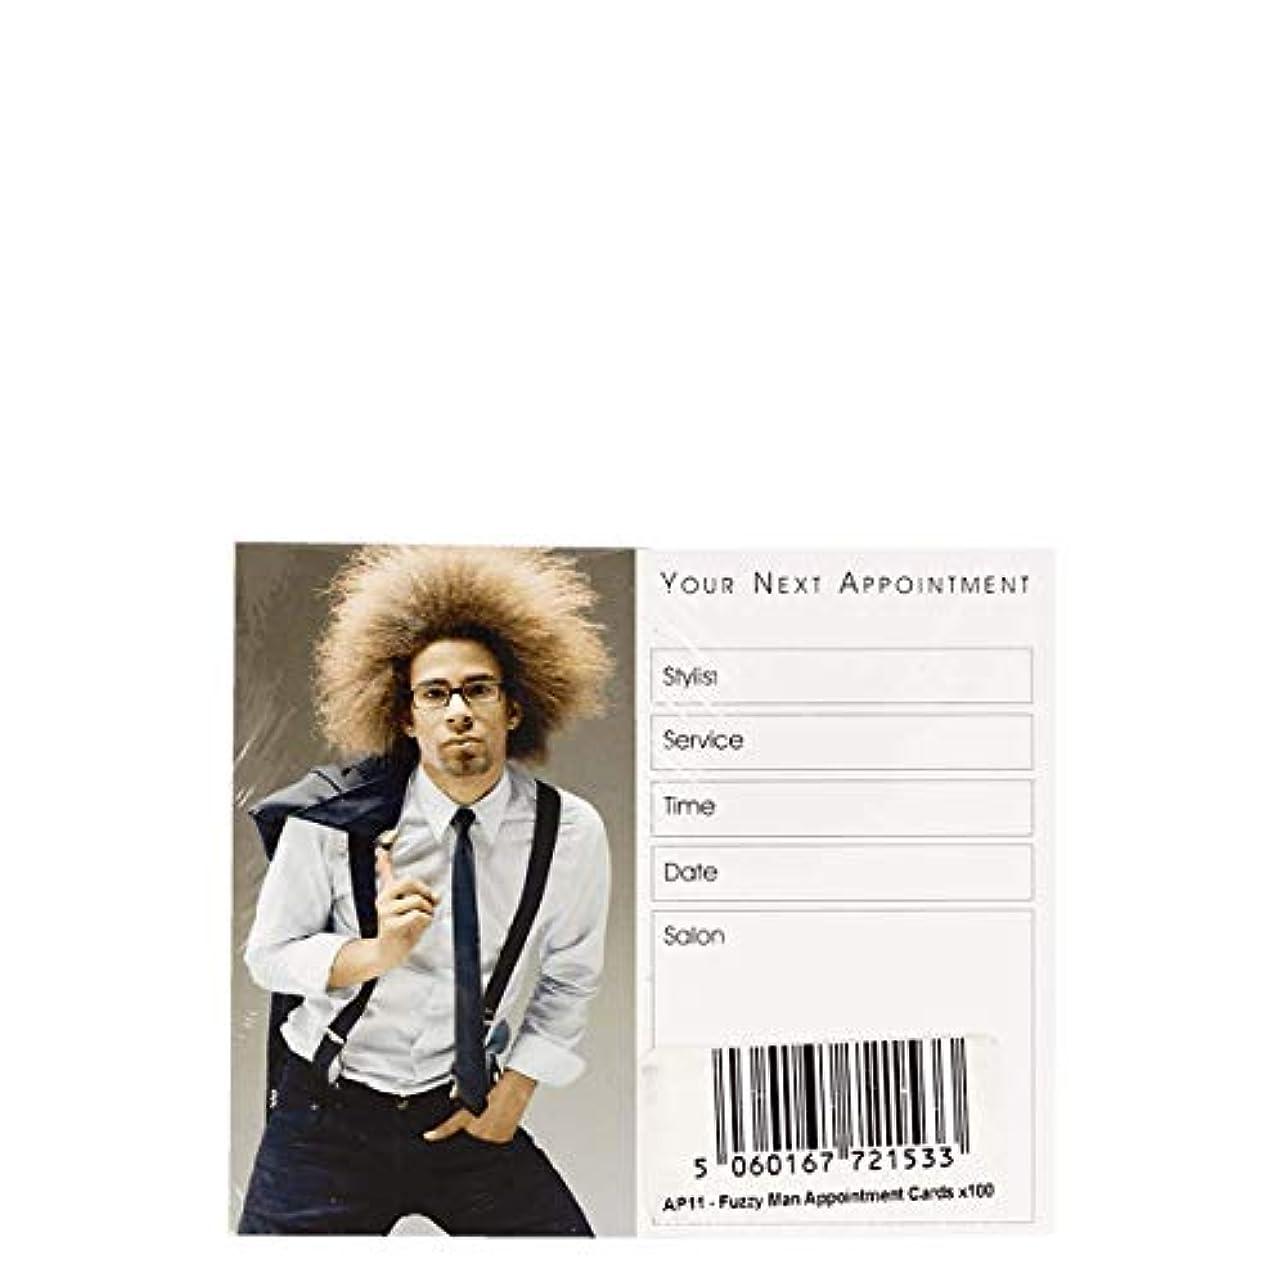 晩ごはん修理工差別アポイントメントカード Appointment Cards- AP11 FUZZY MAN CARDS x100[海外直送品] [並行輸入品]